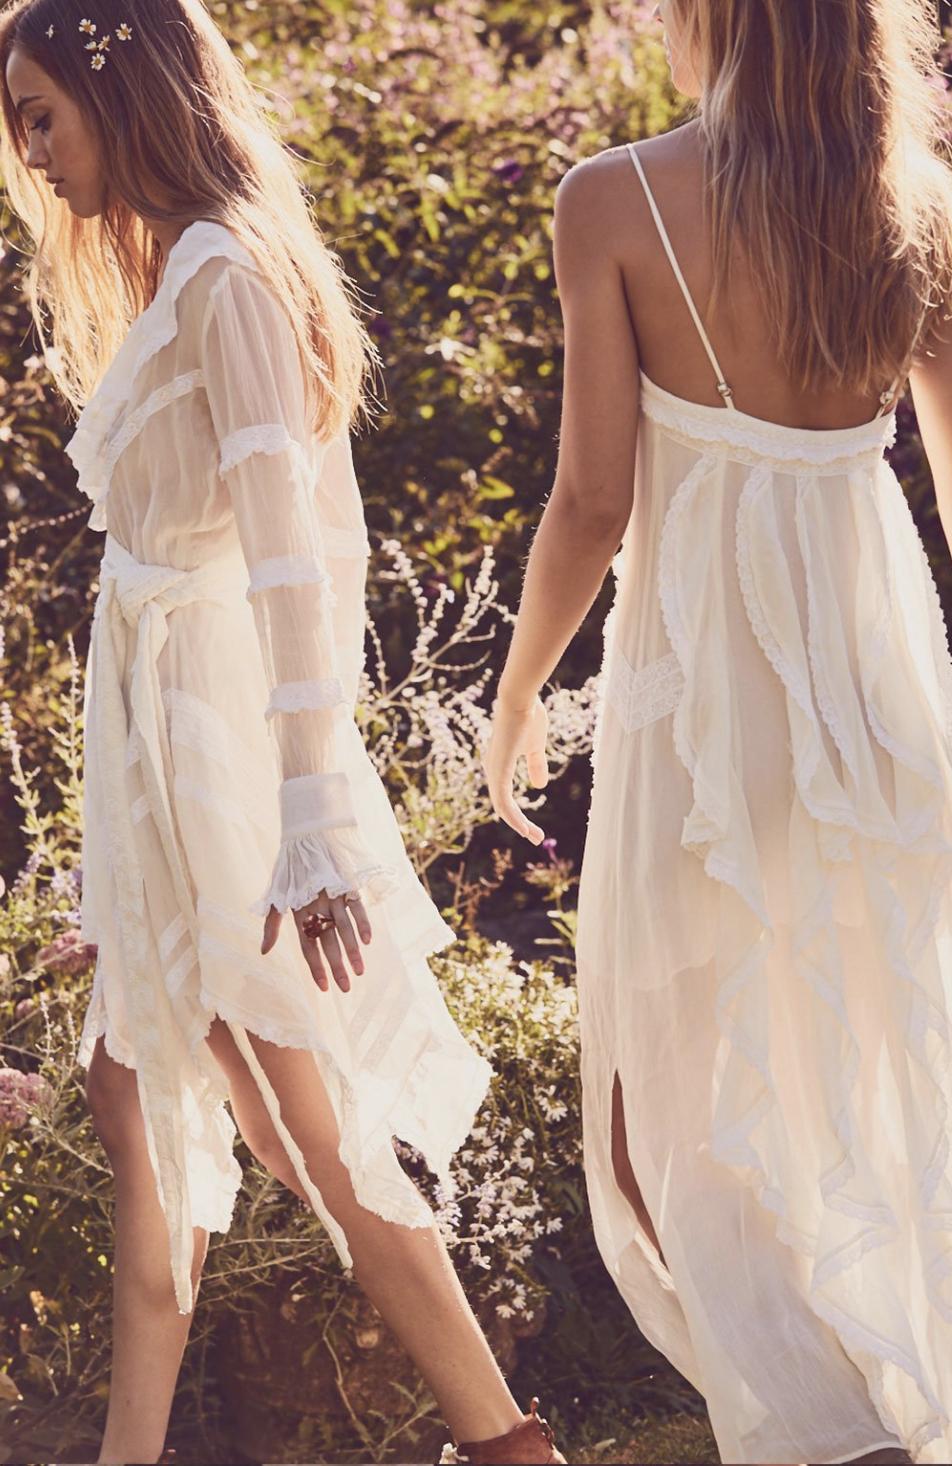 Ruffle Slip Dress - $395